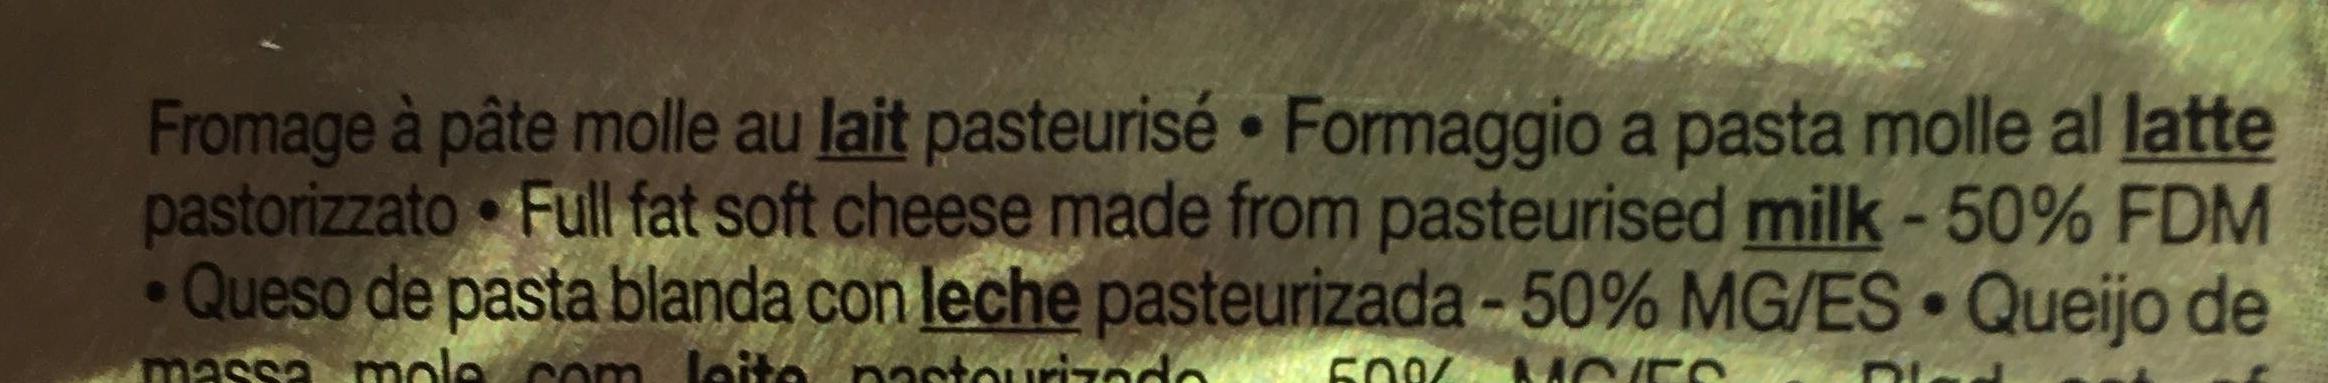 Le Brie au lait pasteurisé - Ingredients - fr